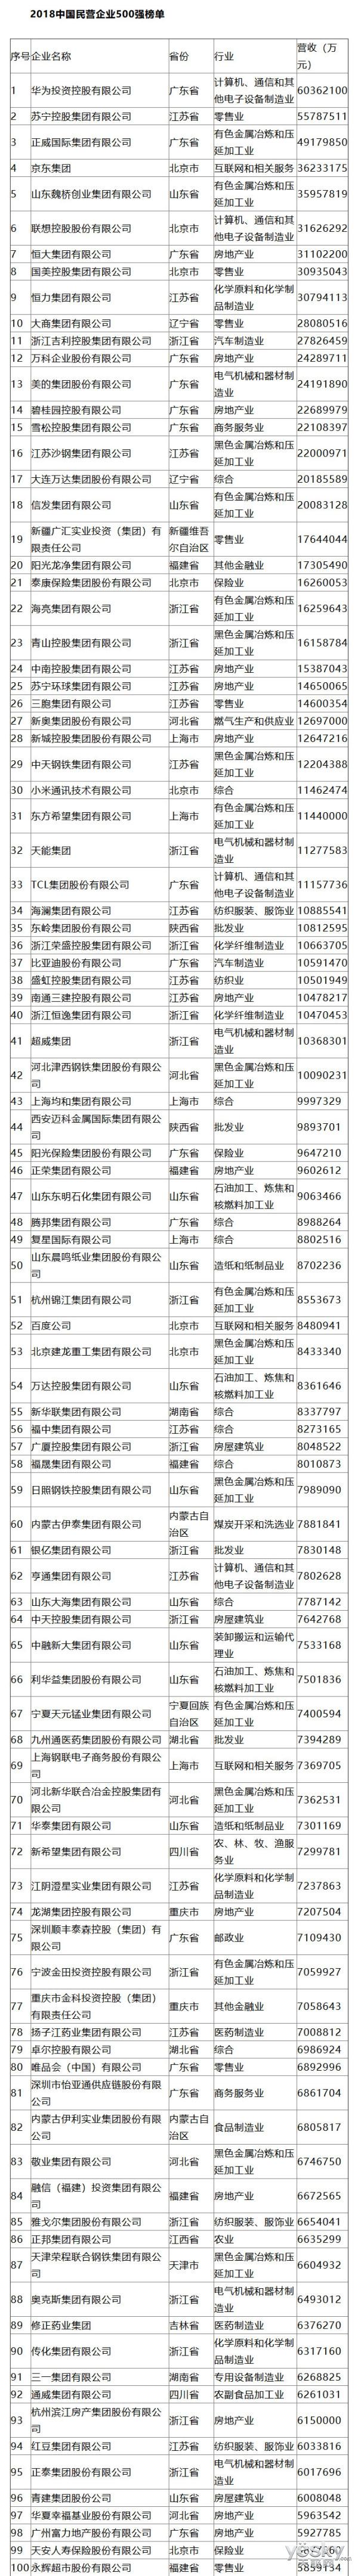 2018中国民企500强榜单揭晓:华为实现三连冠,苏宁京东抢眼